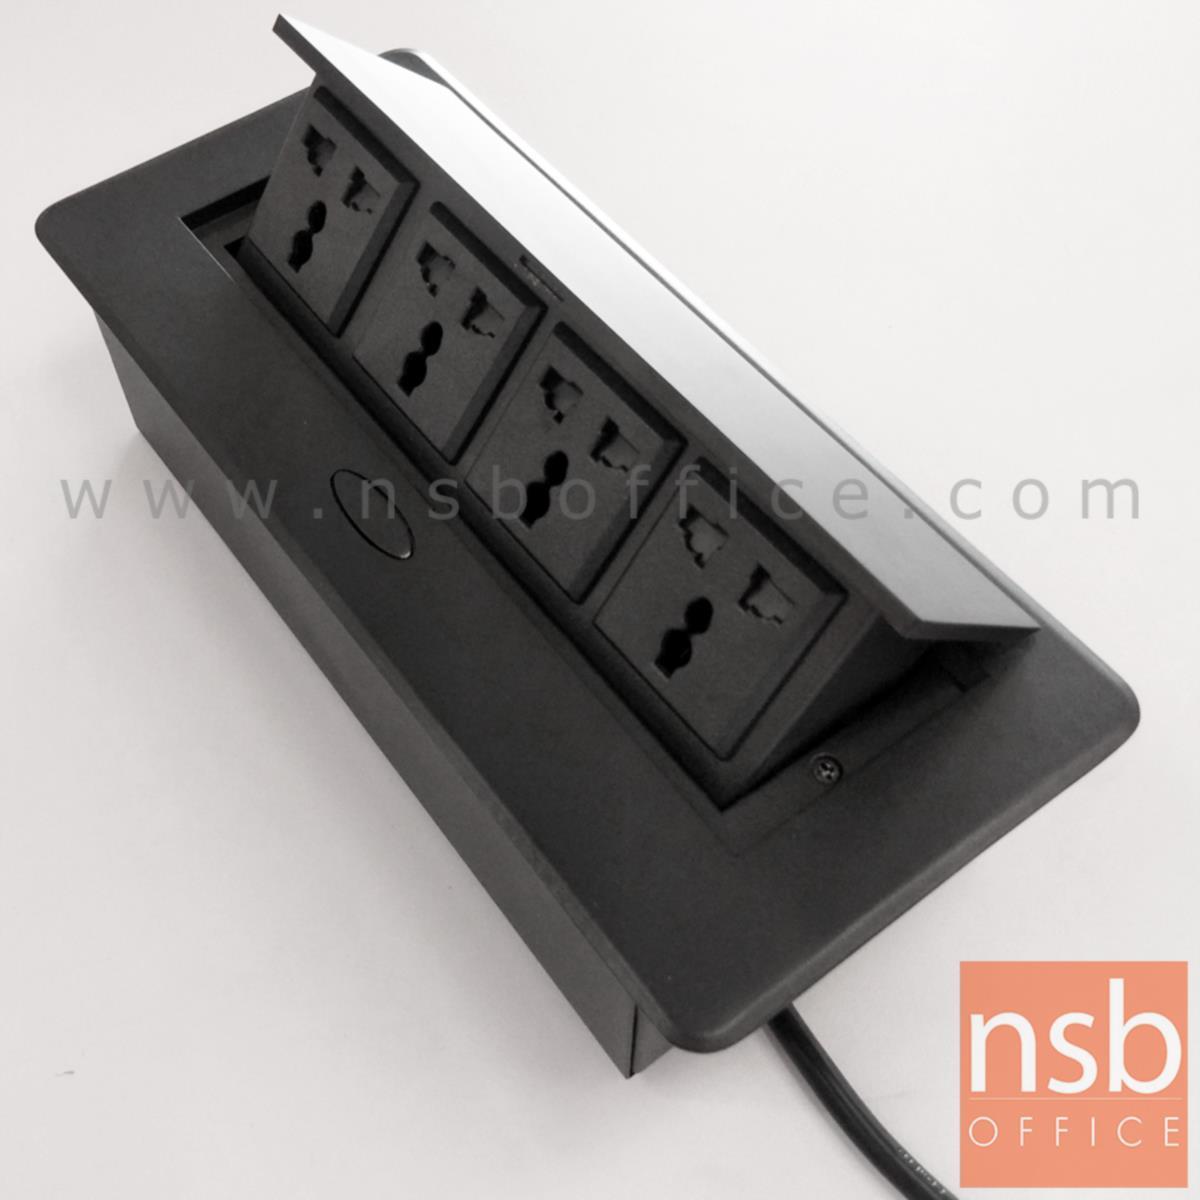 A24A052:ป๊อปอัพเหลี่ยมสีดำ 4 ปลั๊กเสียบ รุ่น Conrad (คอนราด) มีสายไฟต่อยาว 150 cm